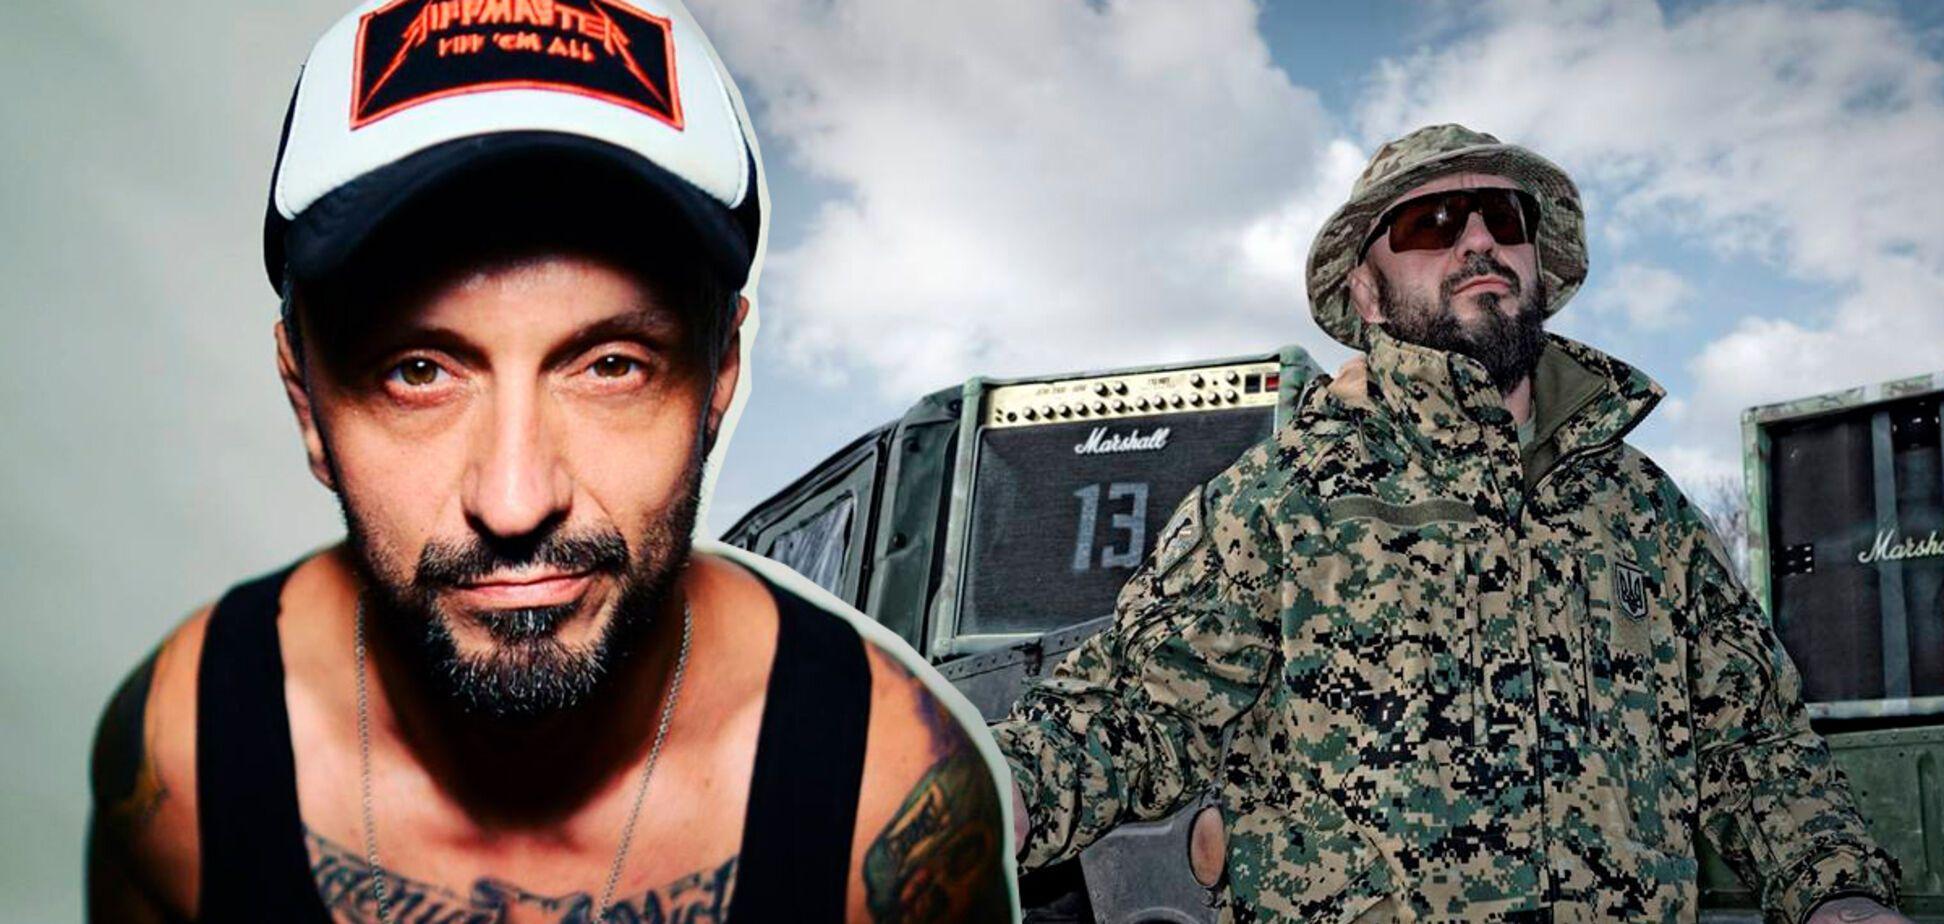 Відомий рок-музикант пояснив, навіщо пішов воювати на Донбас